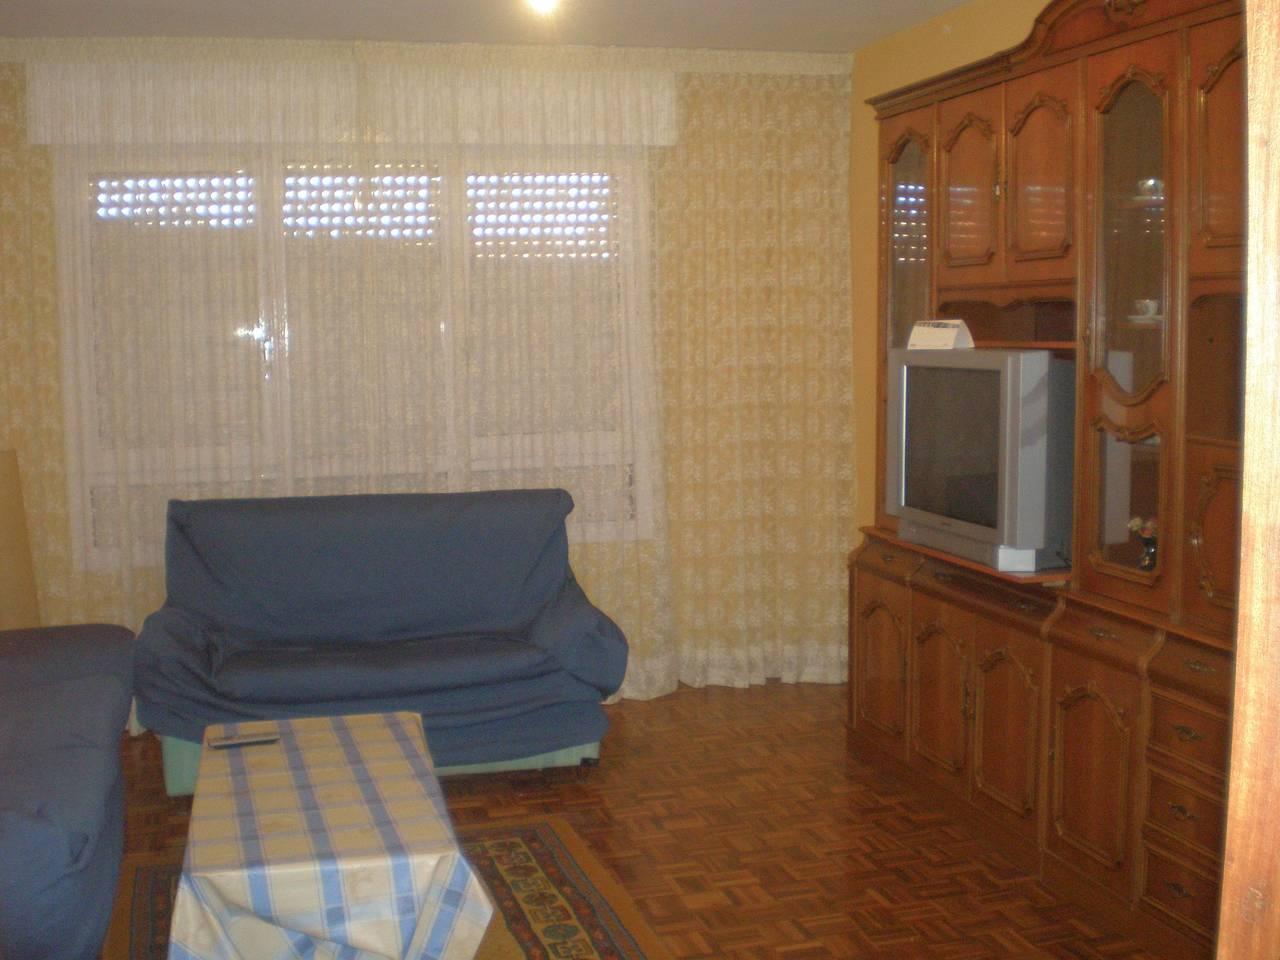 en soria se alquilan una habitacion en piso compartido  - Foto 24